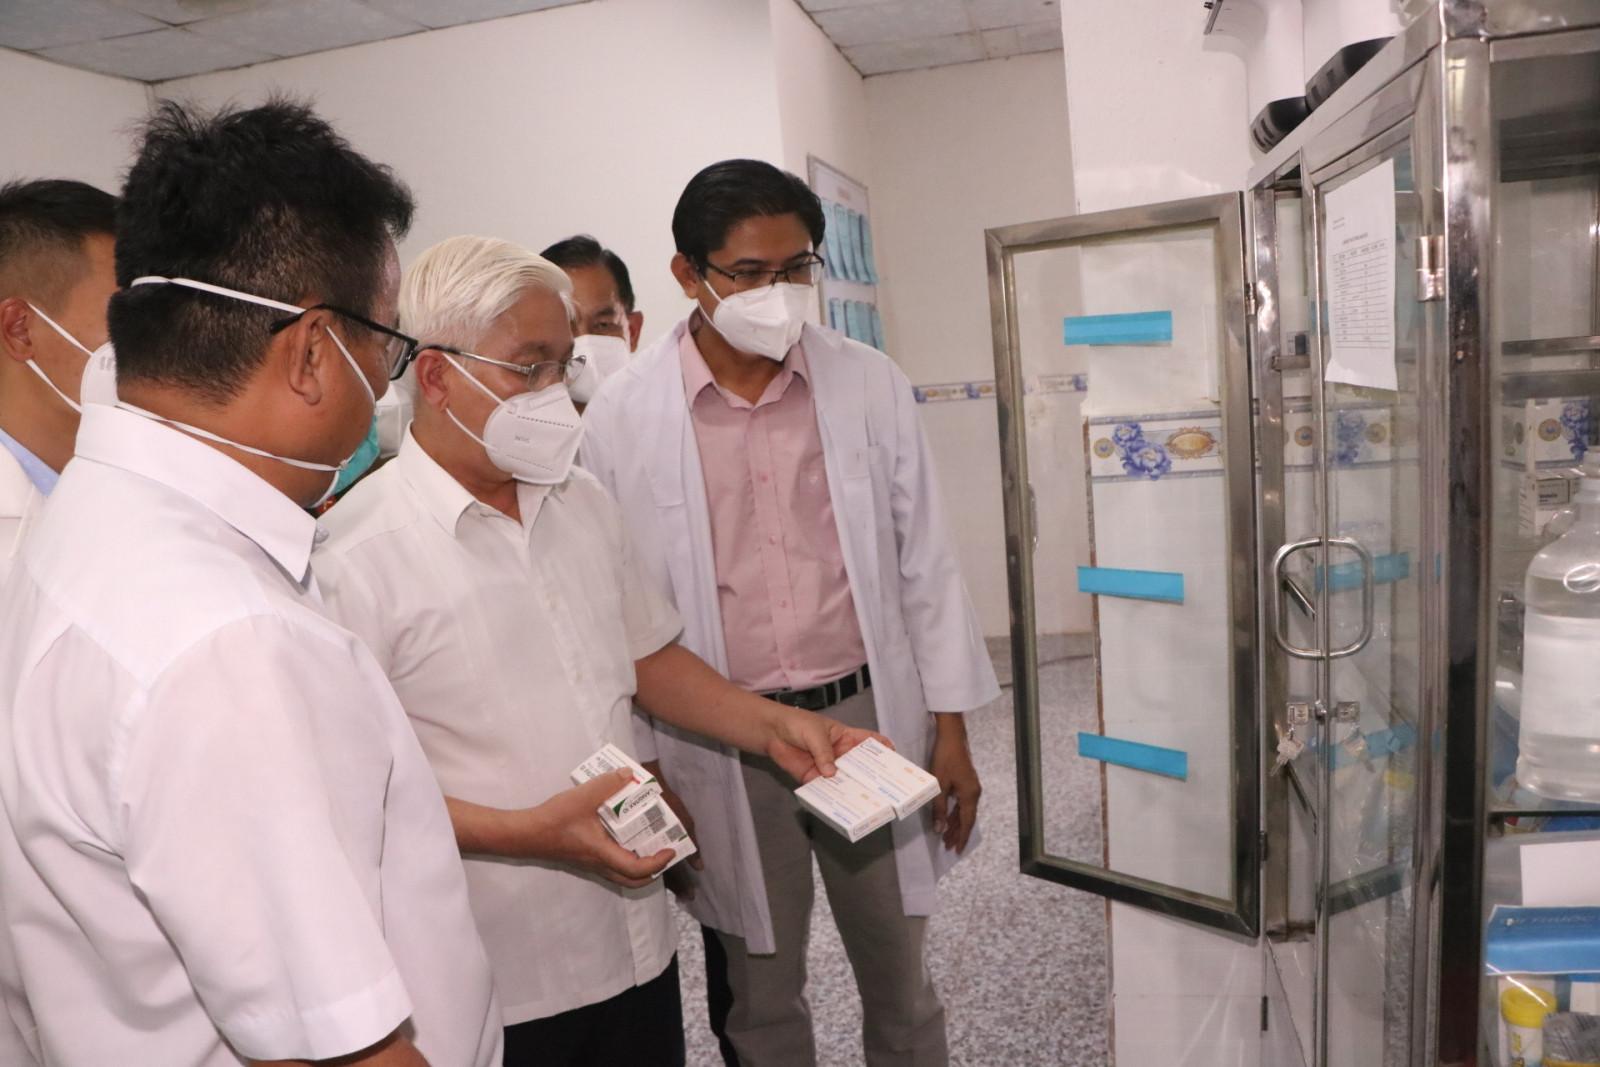 Bí thư Tỉnh uỷ Bình Dương Nguyễn Văn Lợi thăm cơ sở vật chất Trạm Y tế lưu động trong doanh nghiệp số 1. (Ảnh: baobinhduong.vn)